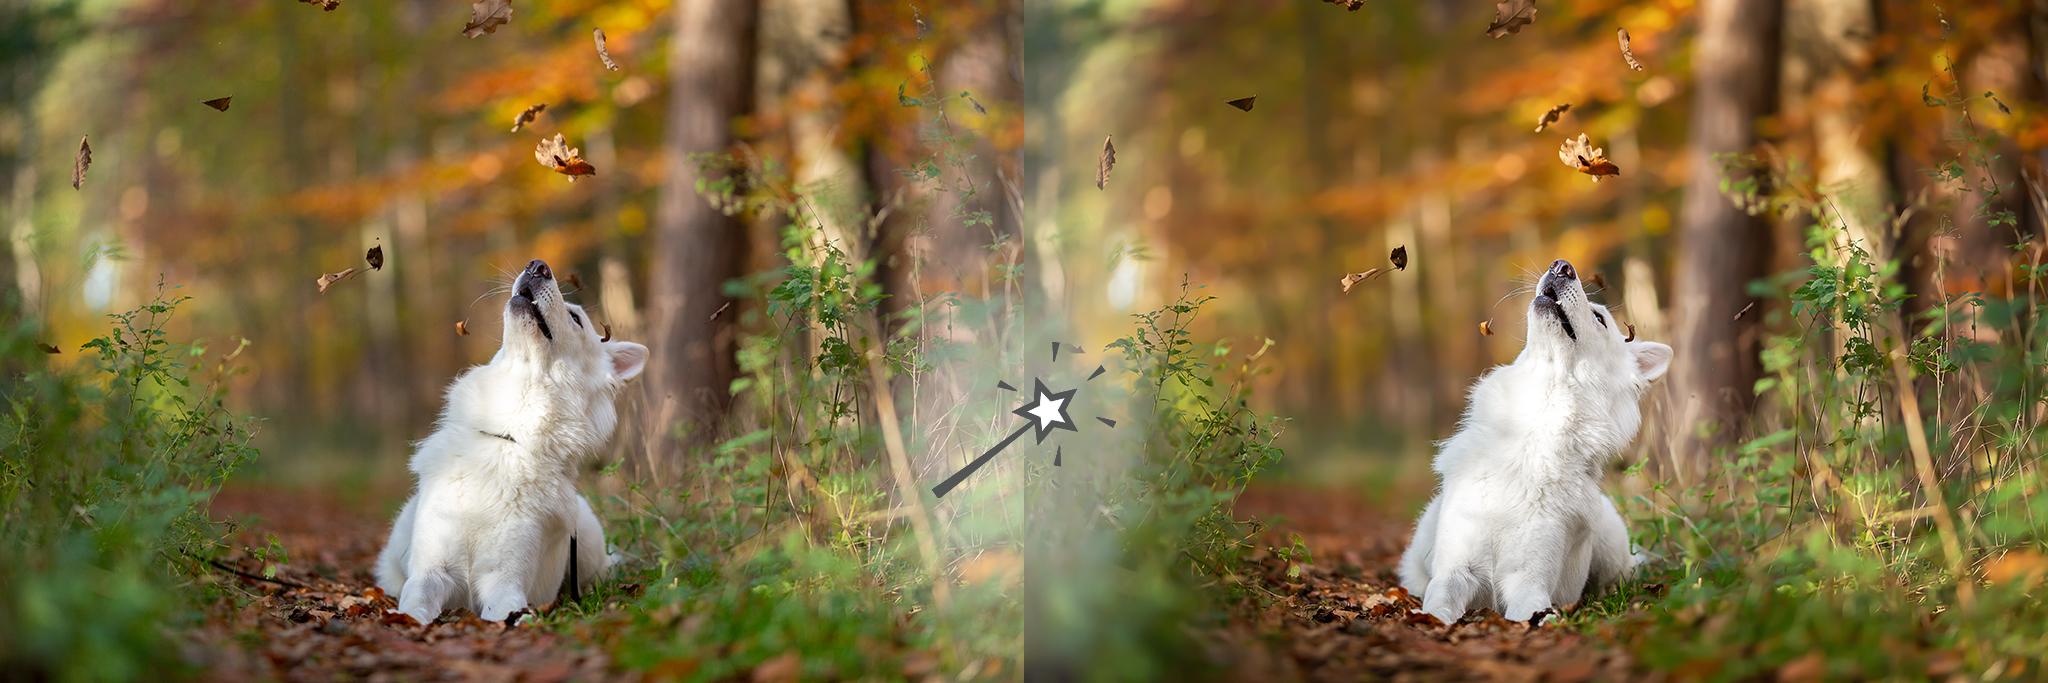 Weißer Schäferhund im Herbstwald mit Leine